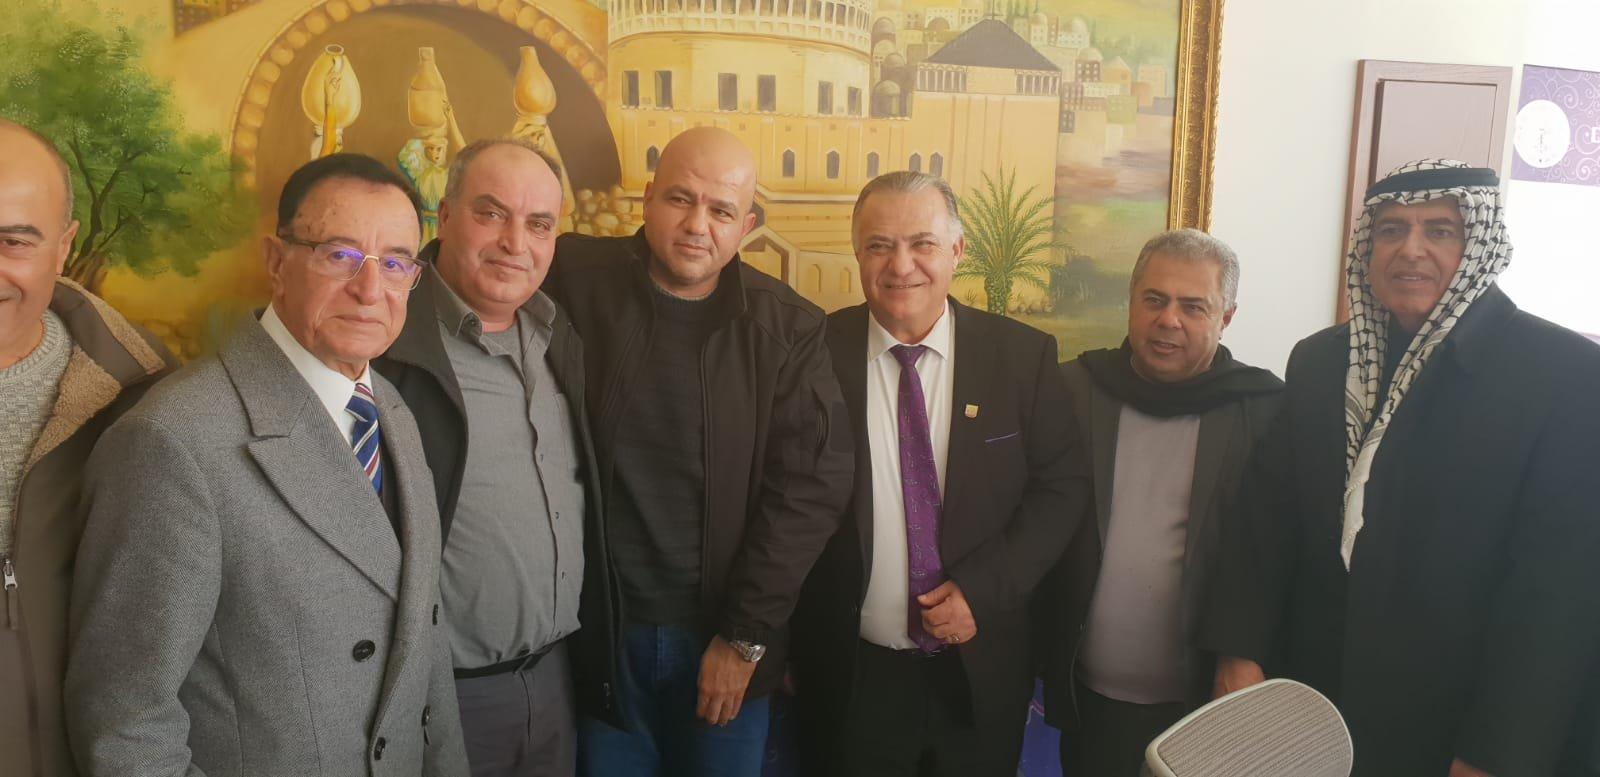 رئيس بلدية جنين فايز السعدي وأعضاء بلدية يزورون بلدية الناصرة-1